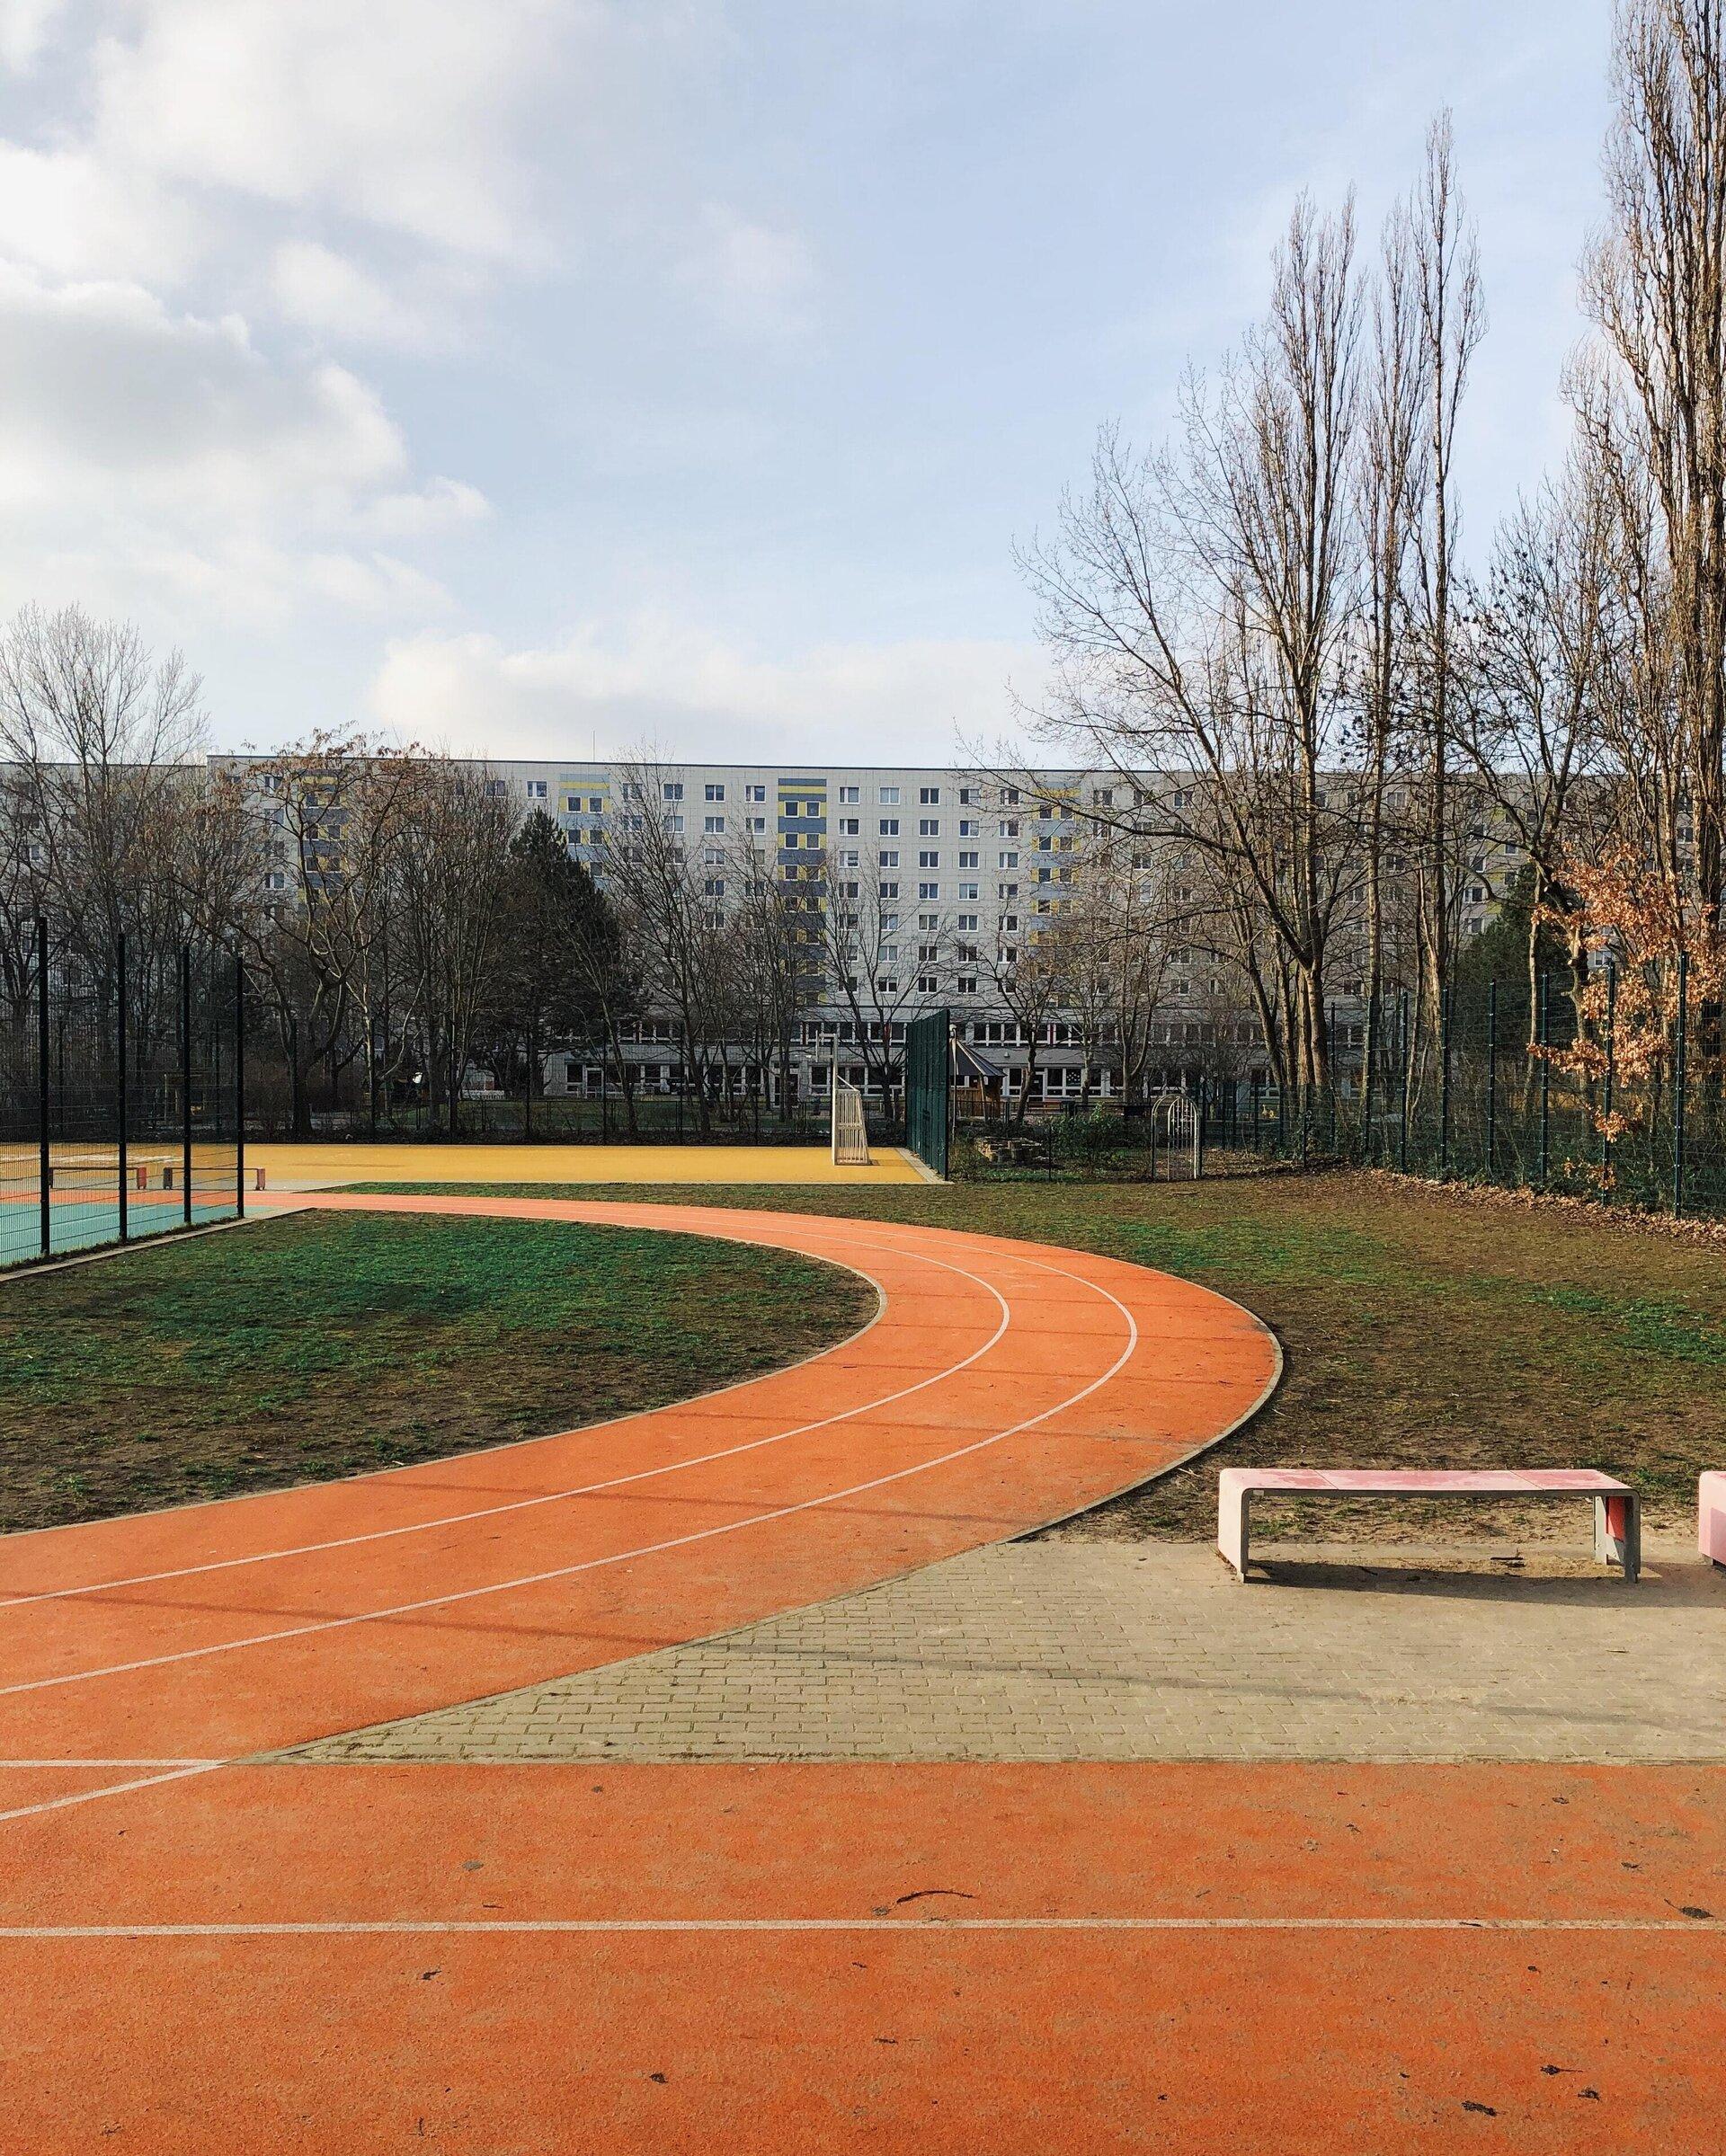 Sportplatz vor einem Wohnhaus